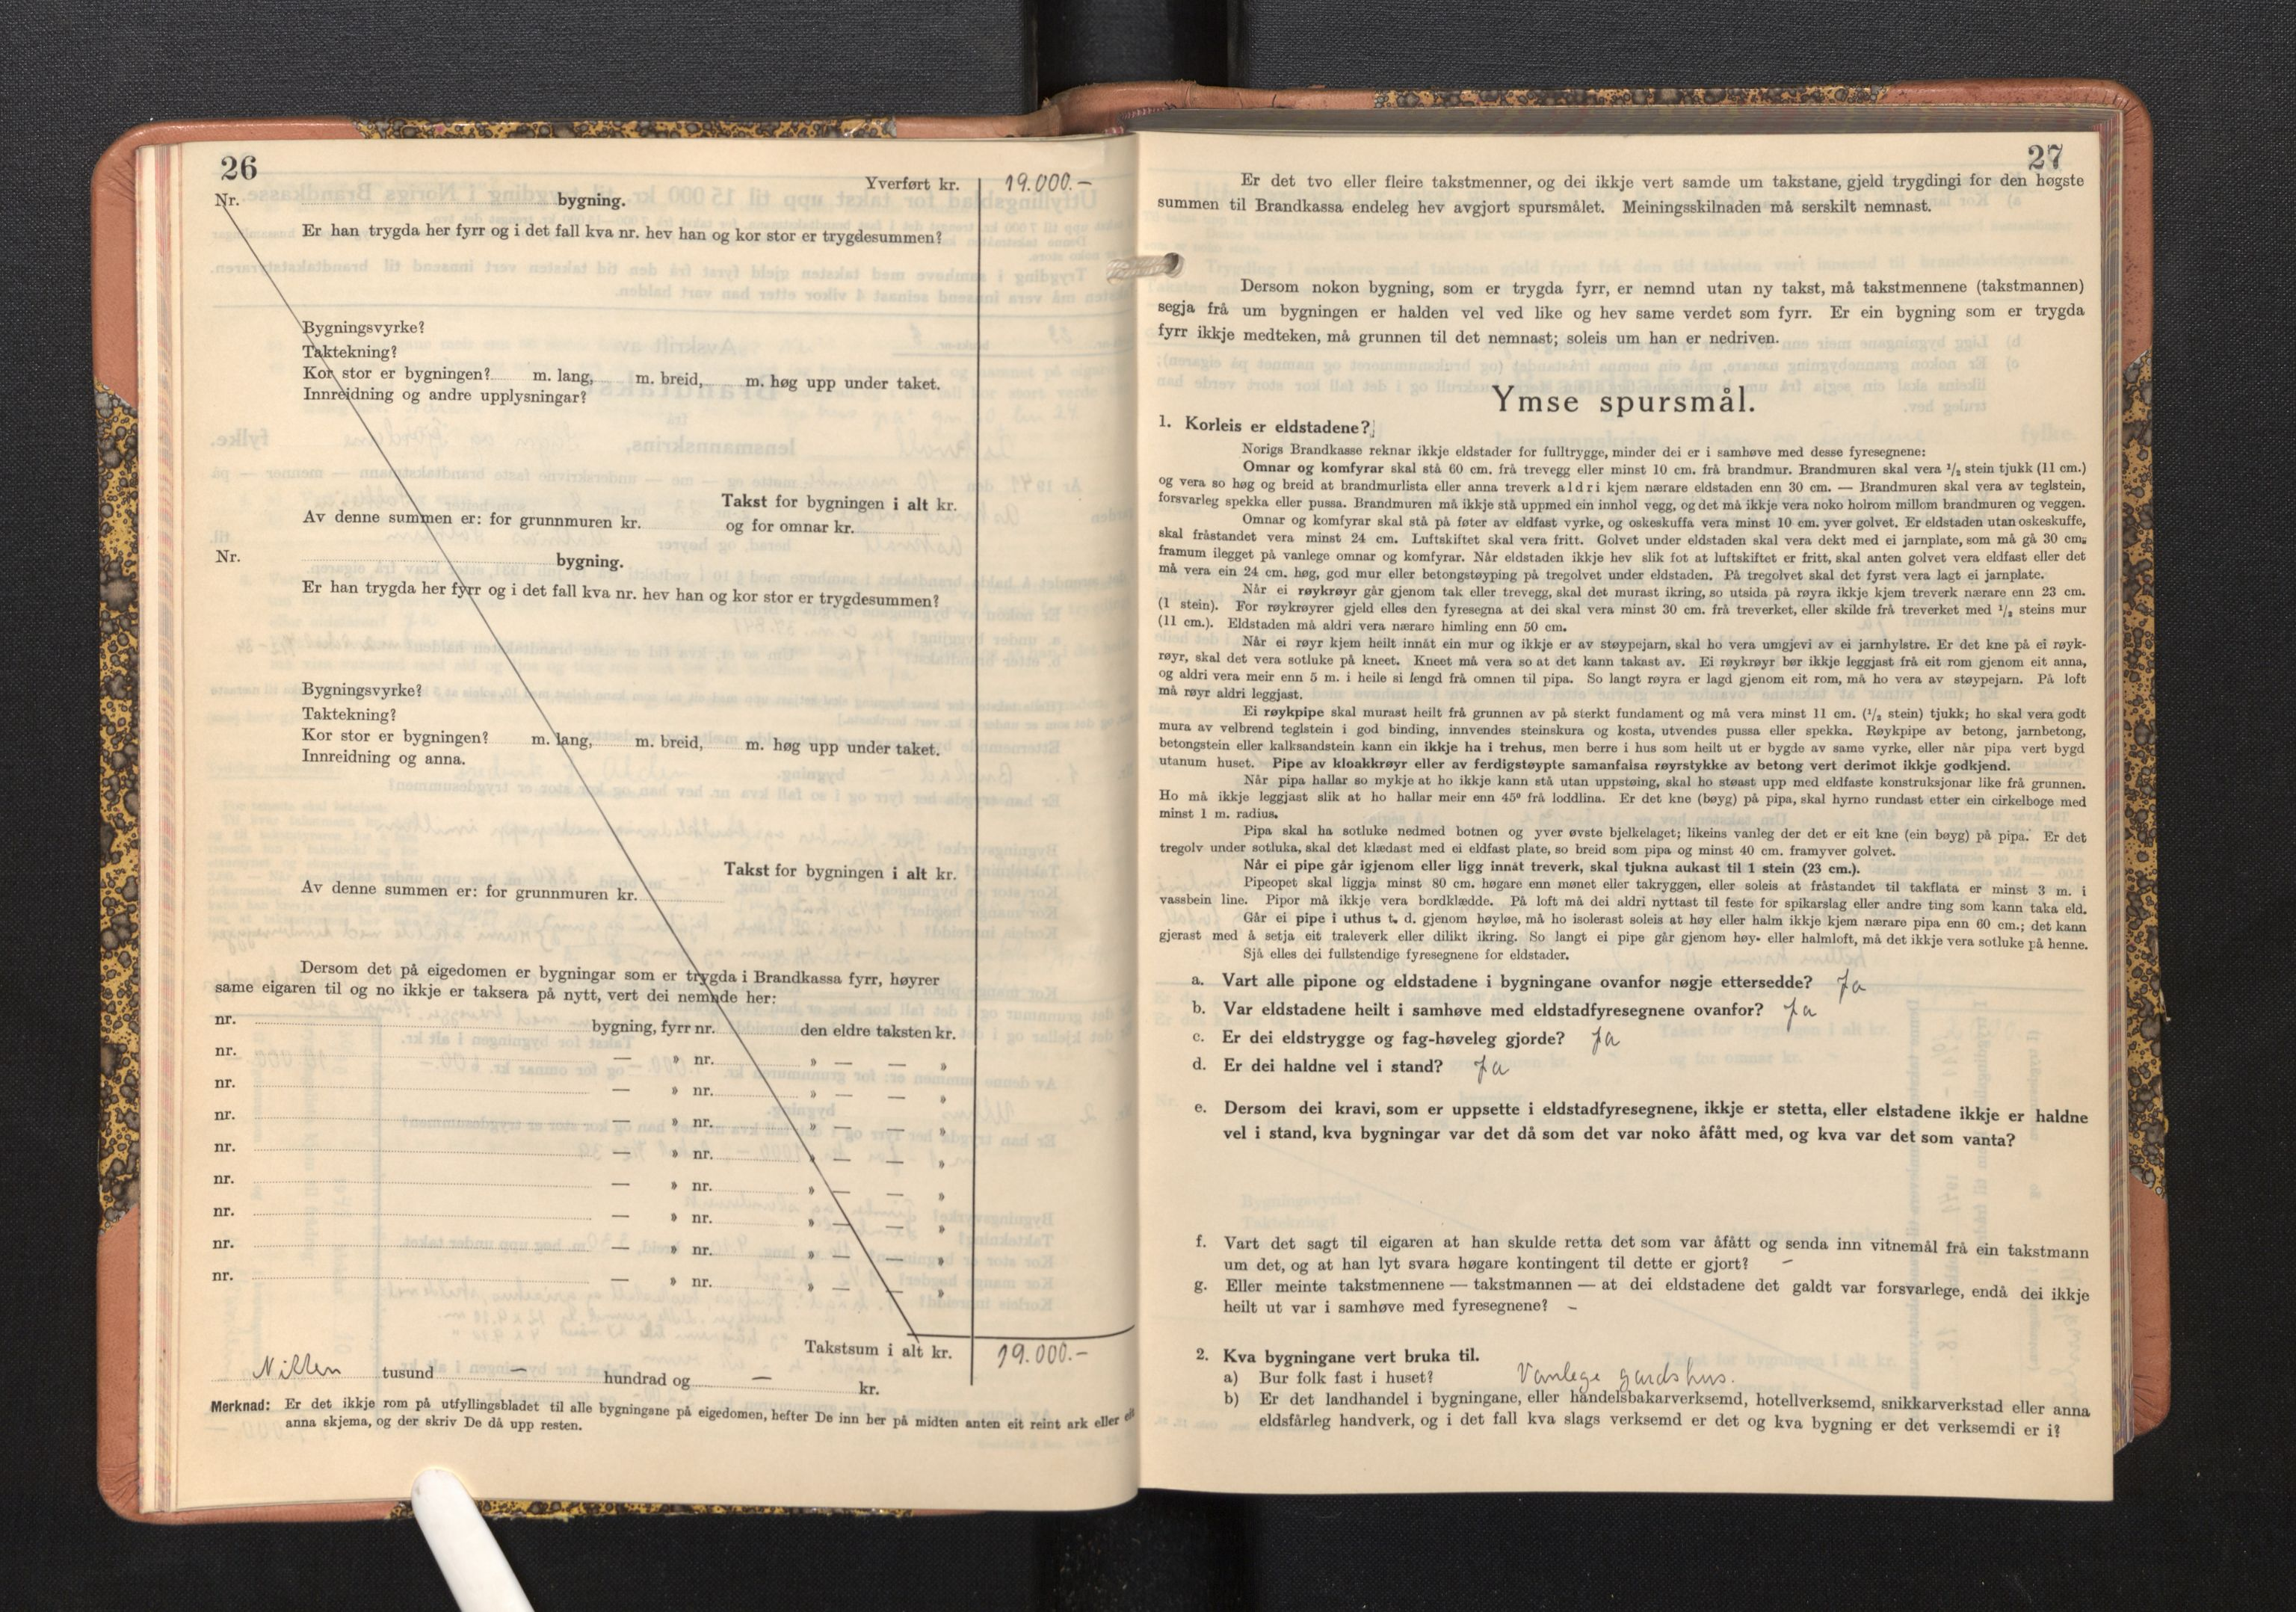 SAB, Lensmannen i Askvoll, 0012/L0005: Branntakstprotokoll, skjematakst, 1940-1949, s. 26-27